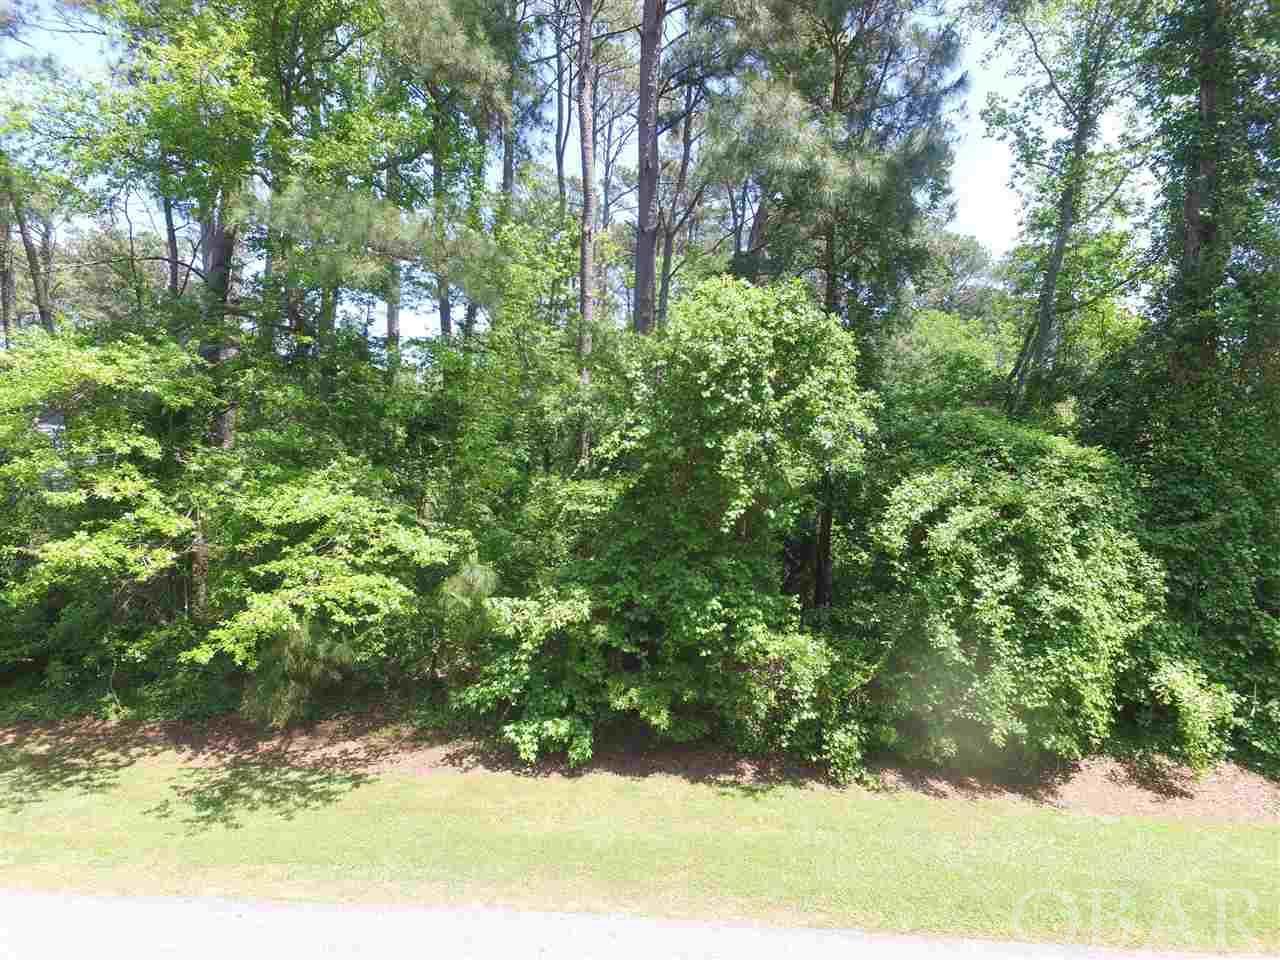 2025 Martins Point Road Lot 7, Kitty Hawk, NC 27949